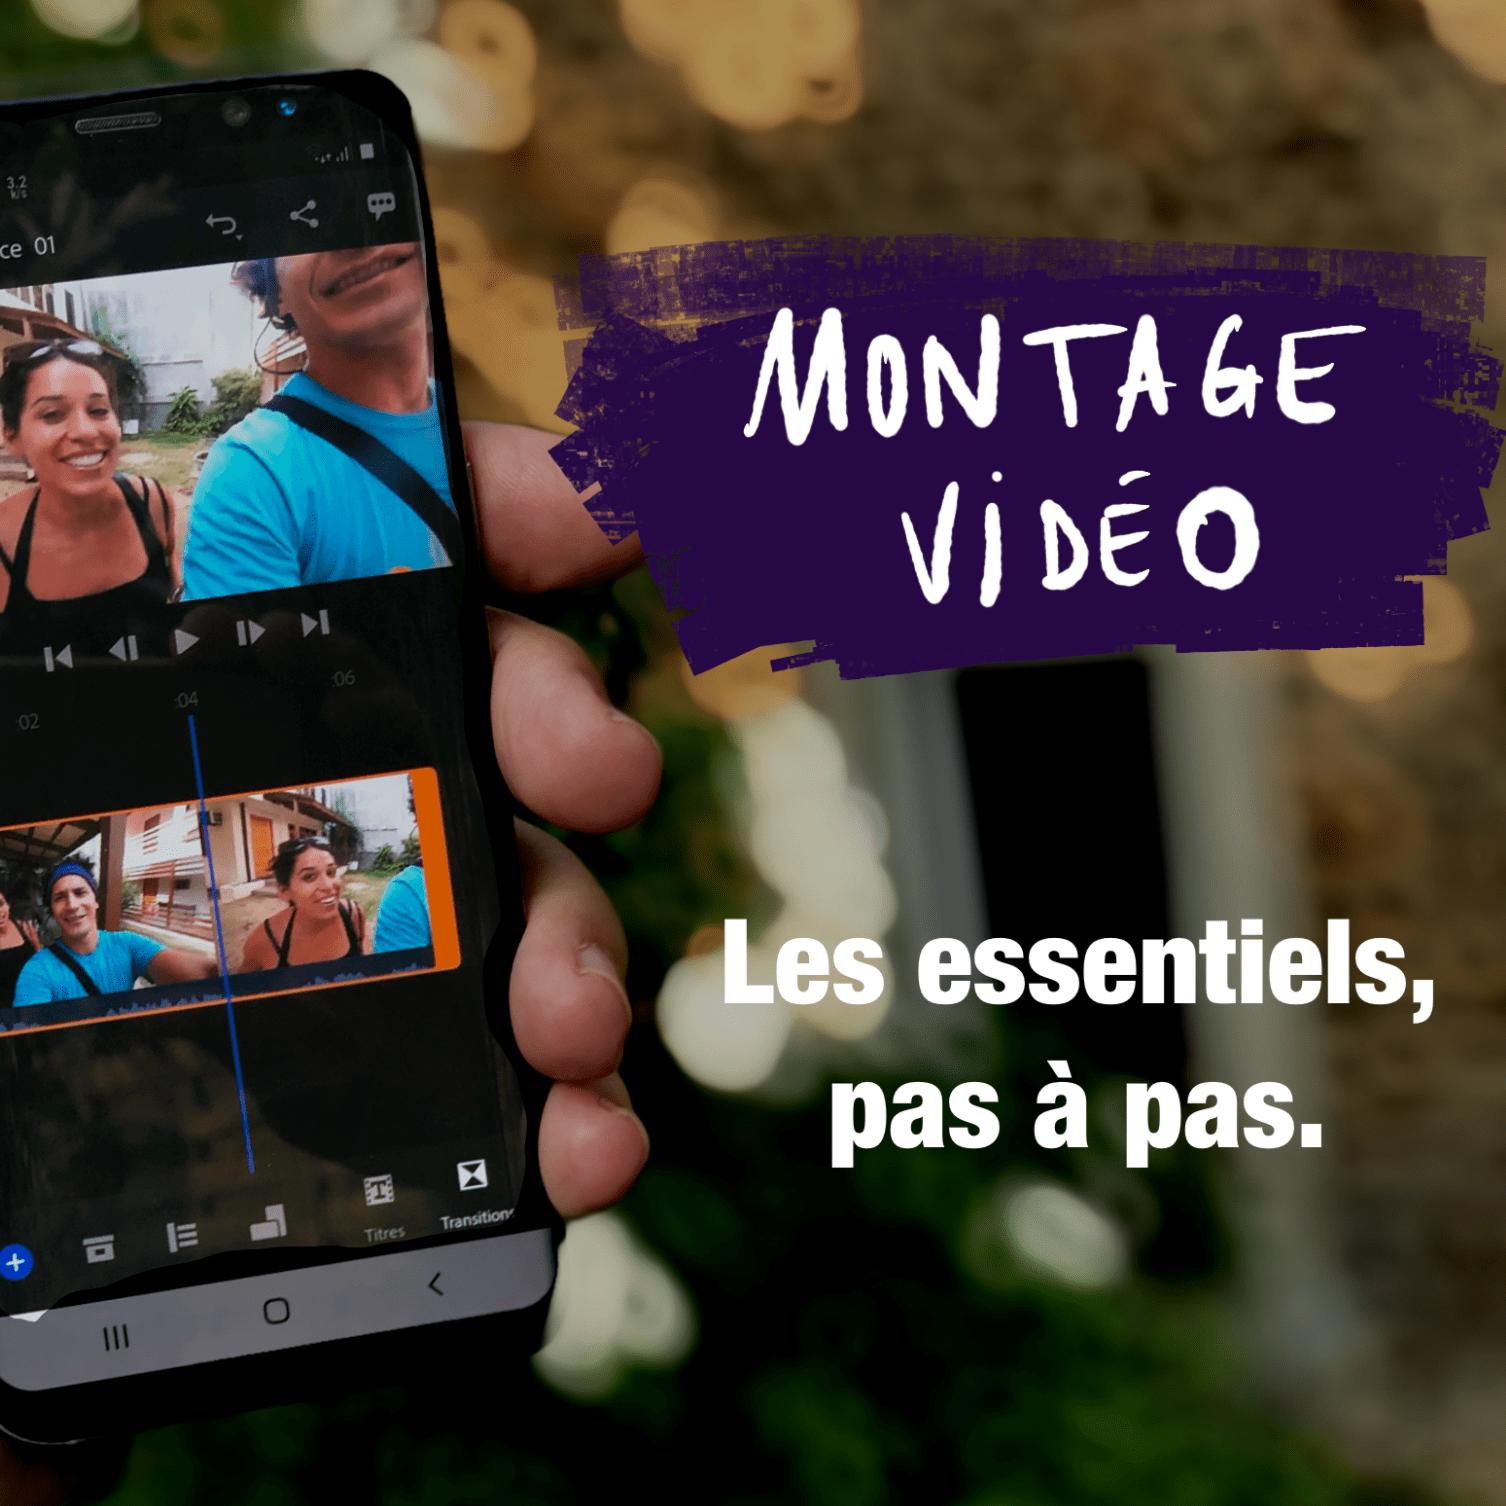 Montage vidéo : les essentiels, pas à pas